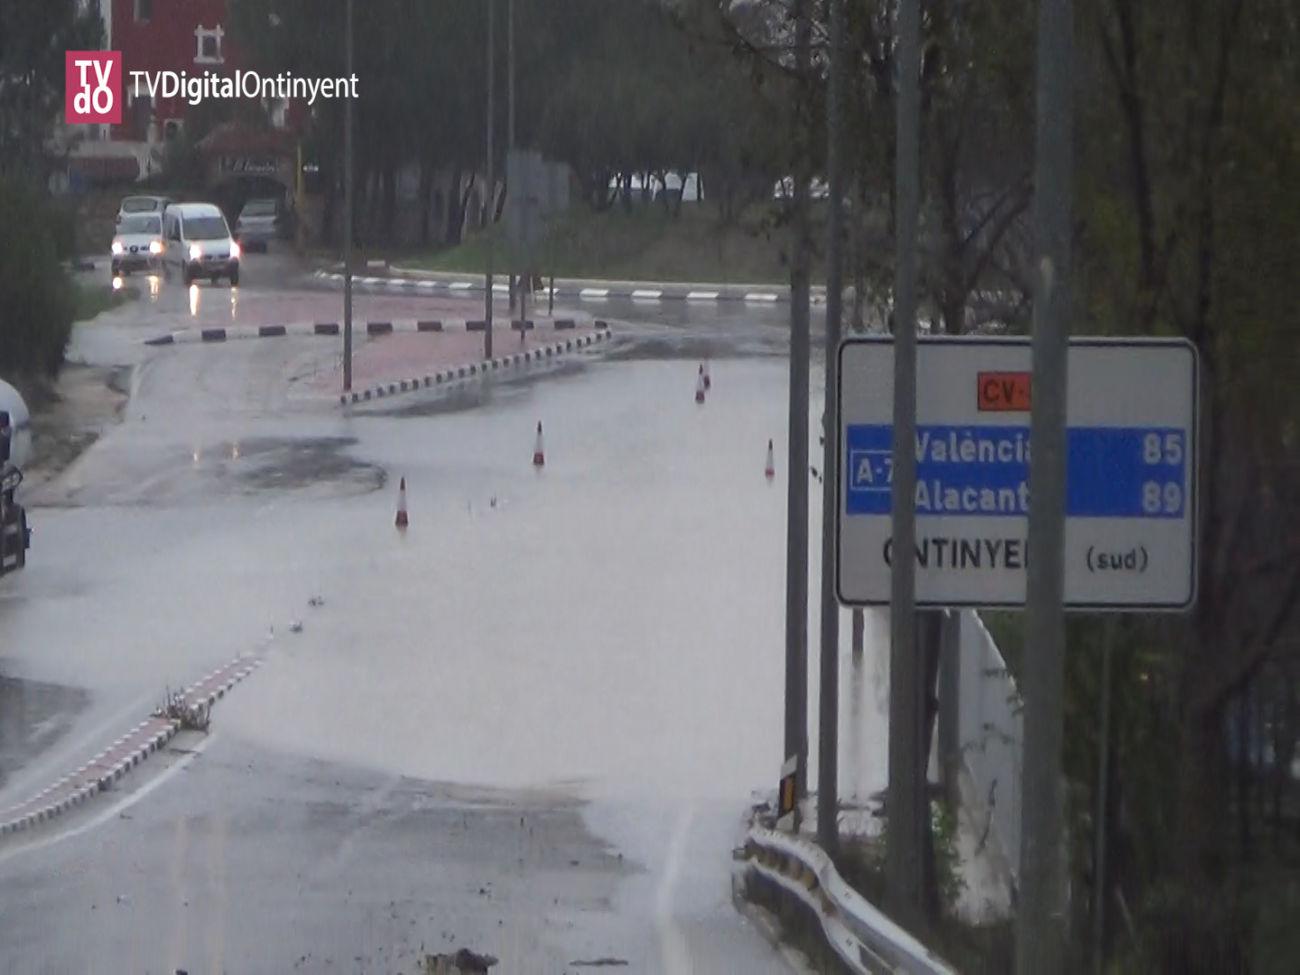 Torna episodi de pluges a la vall d 39 albaida tv digital ontinyent - Piscina coberta ontinyent ...